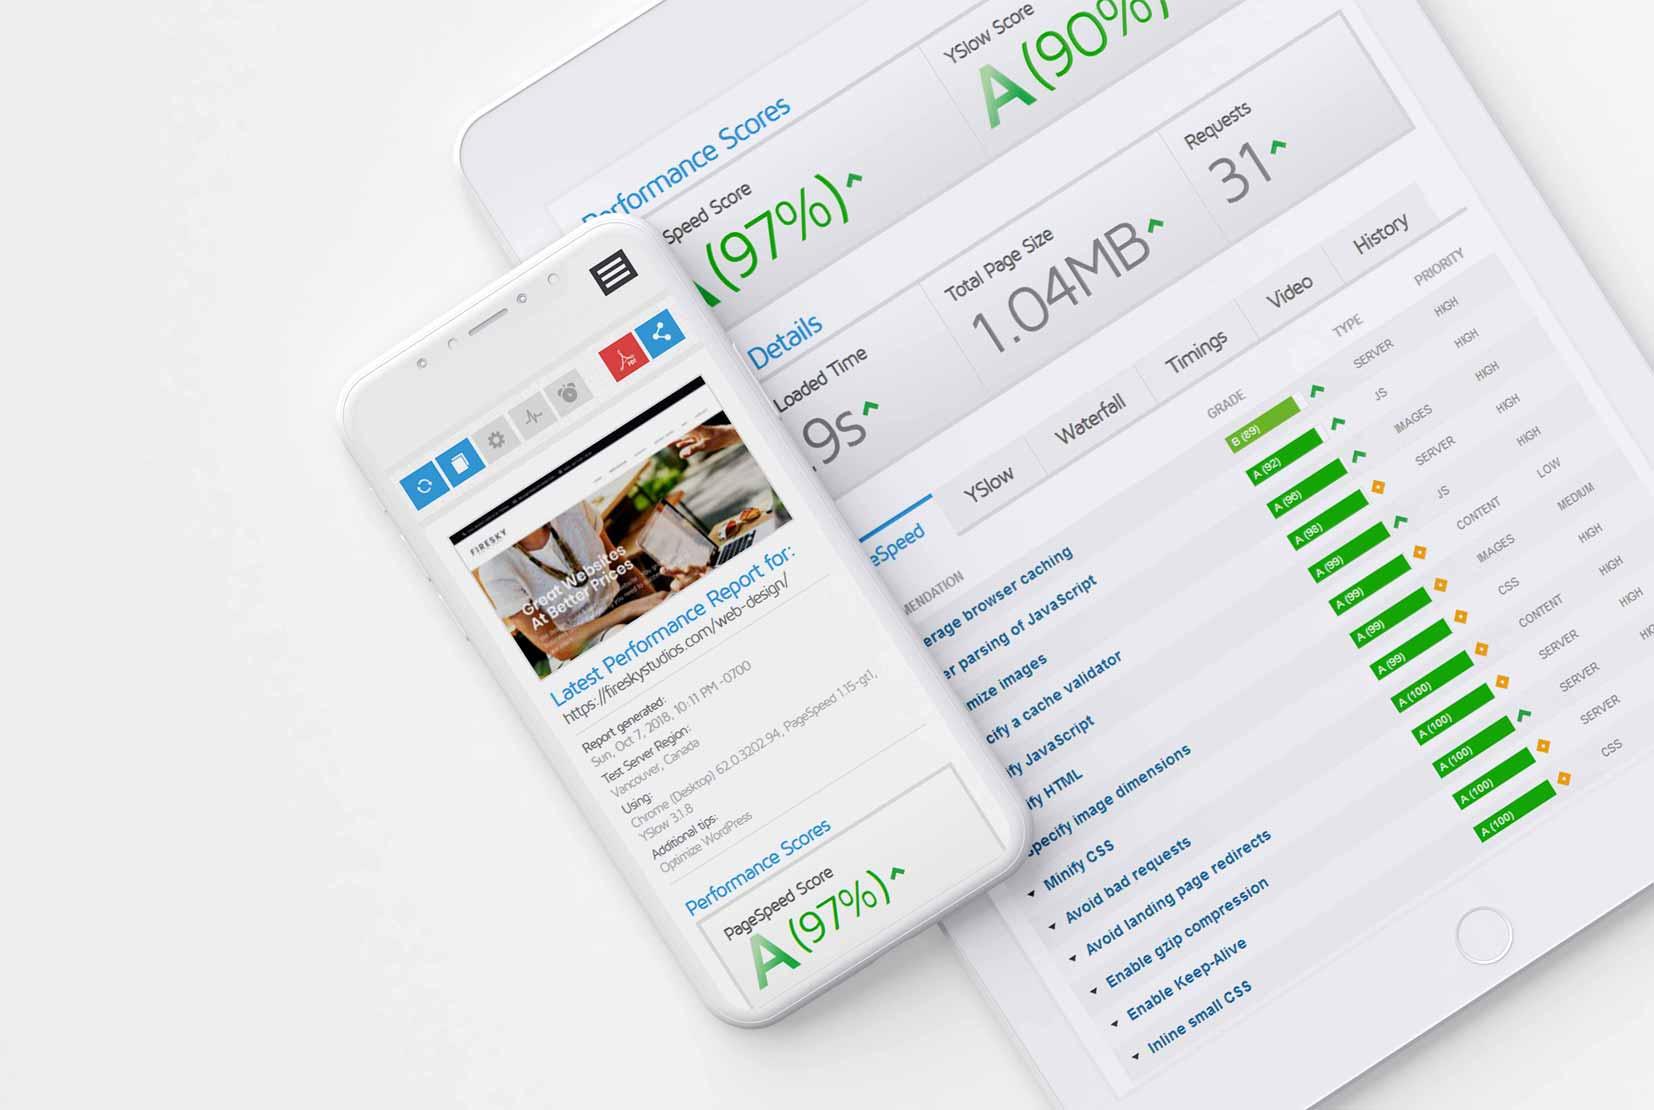 Website Speed Optimisation Services